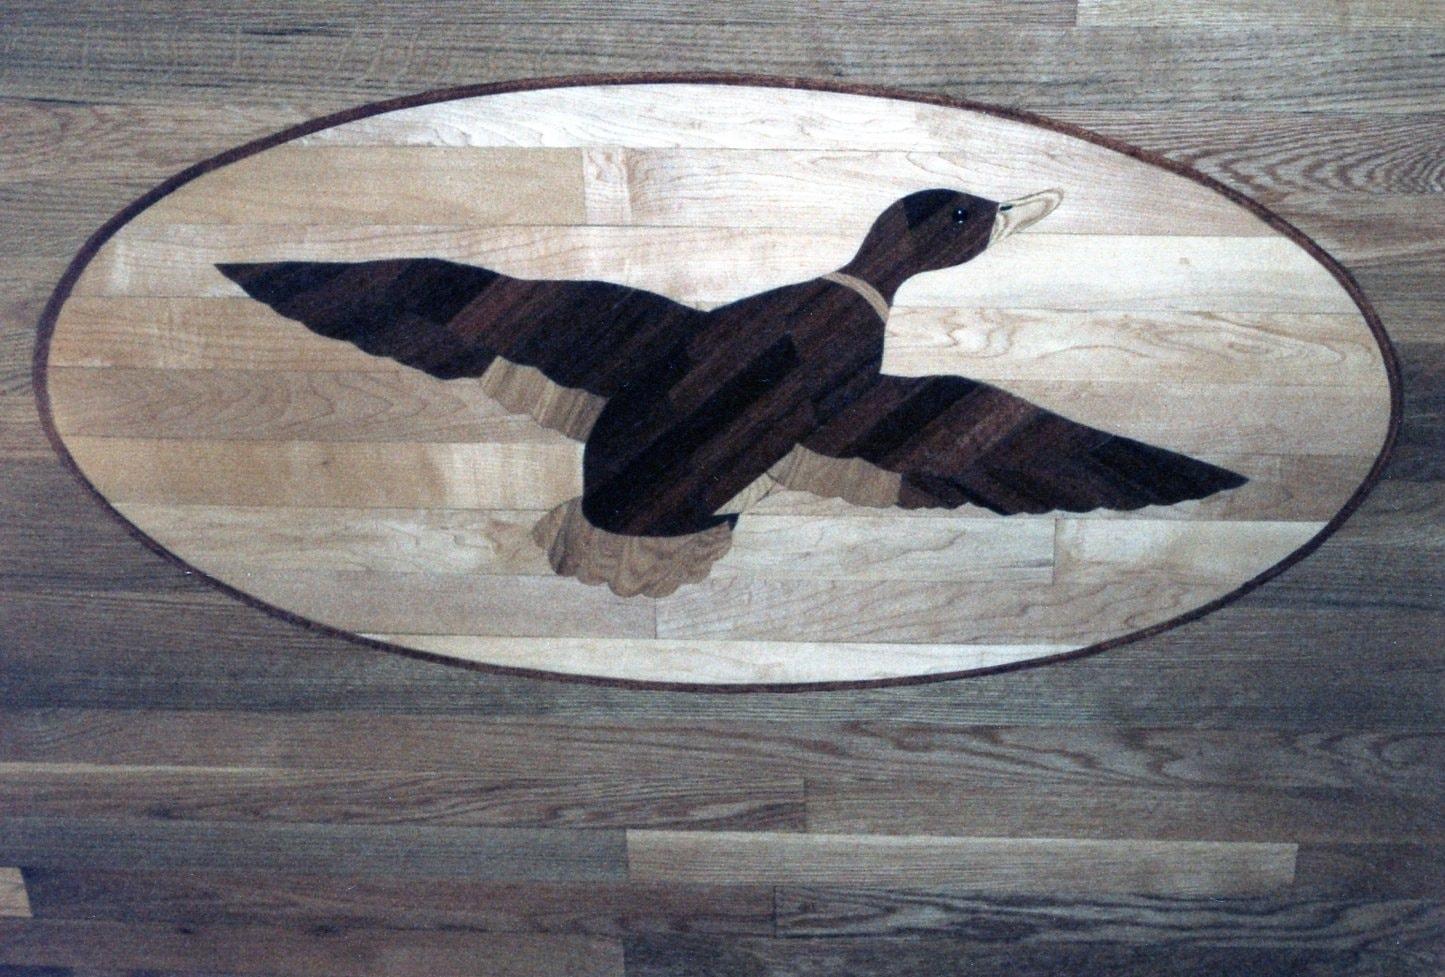 Medallion Hardwood Flooring Medford MA 9-min